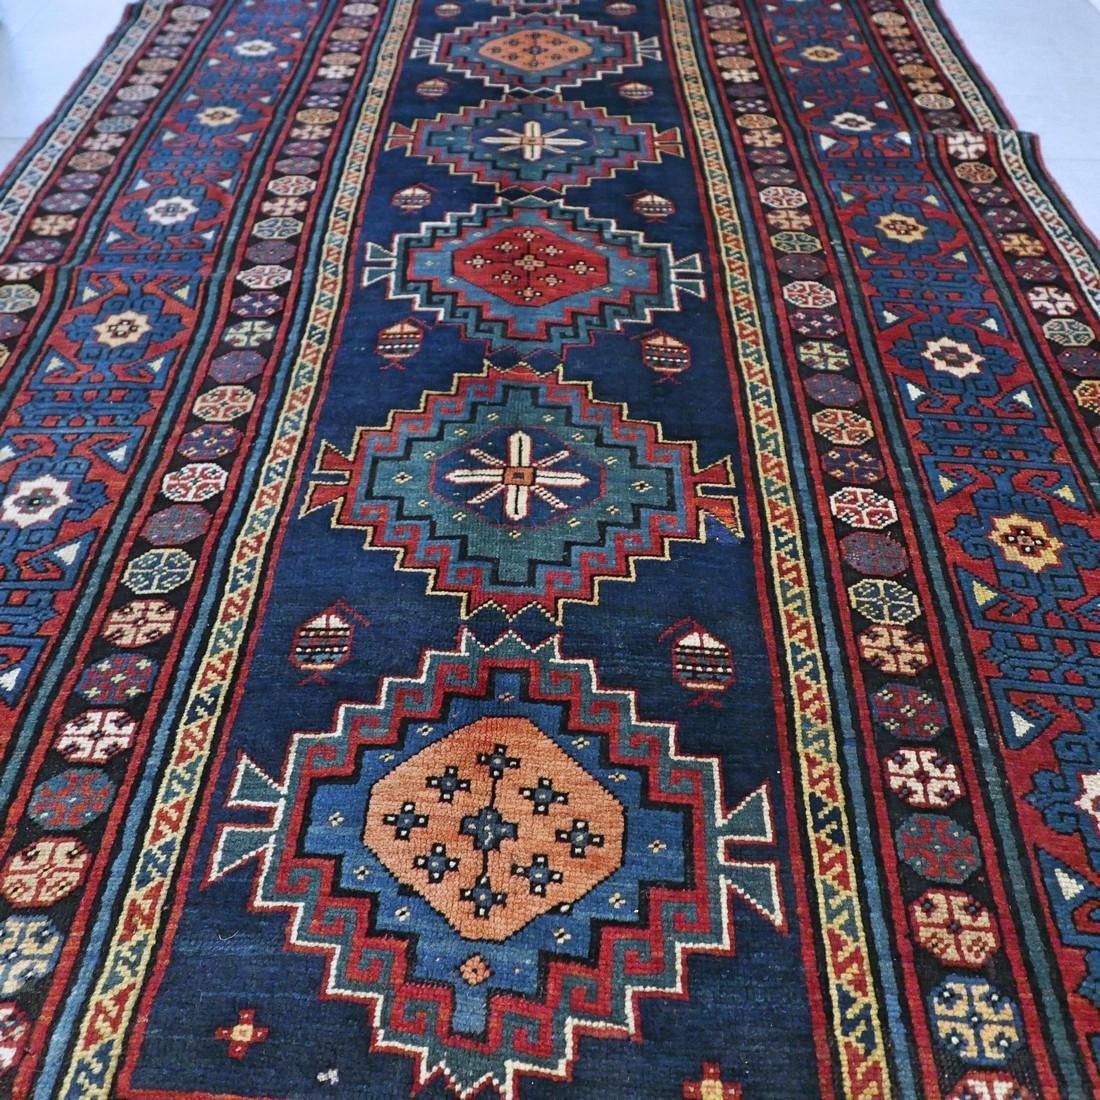 Antique 1800s Kazak rug - 9.5 x 4.3 - 6